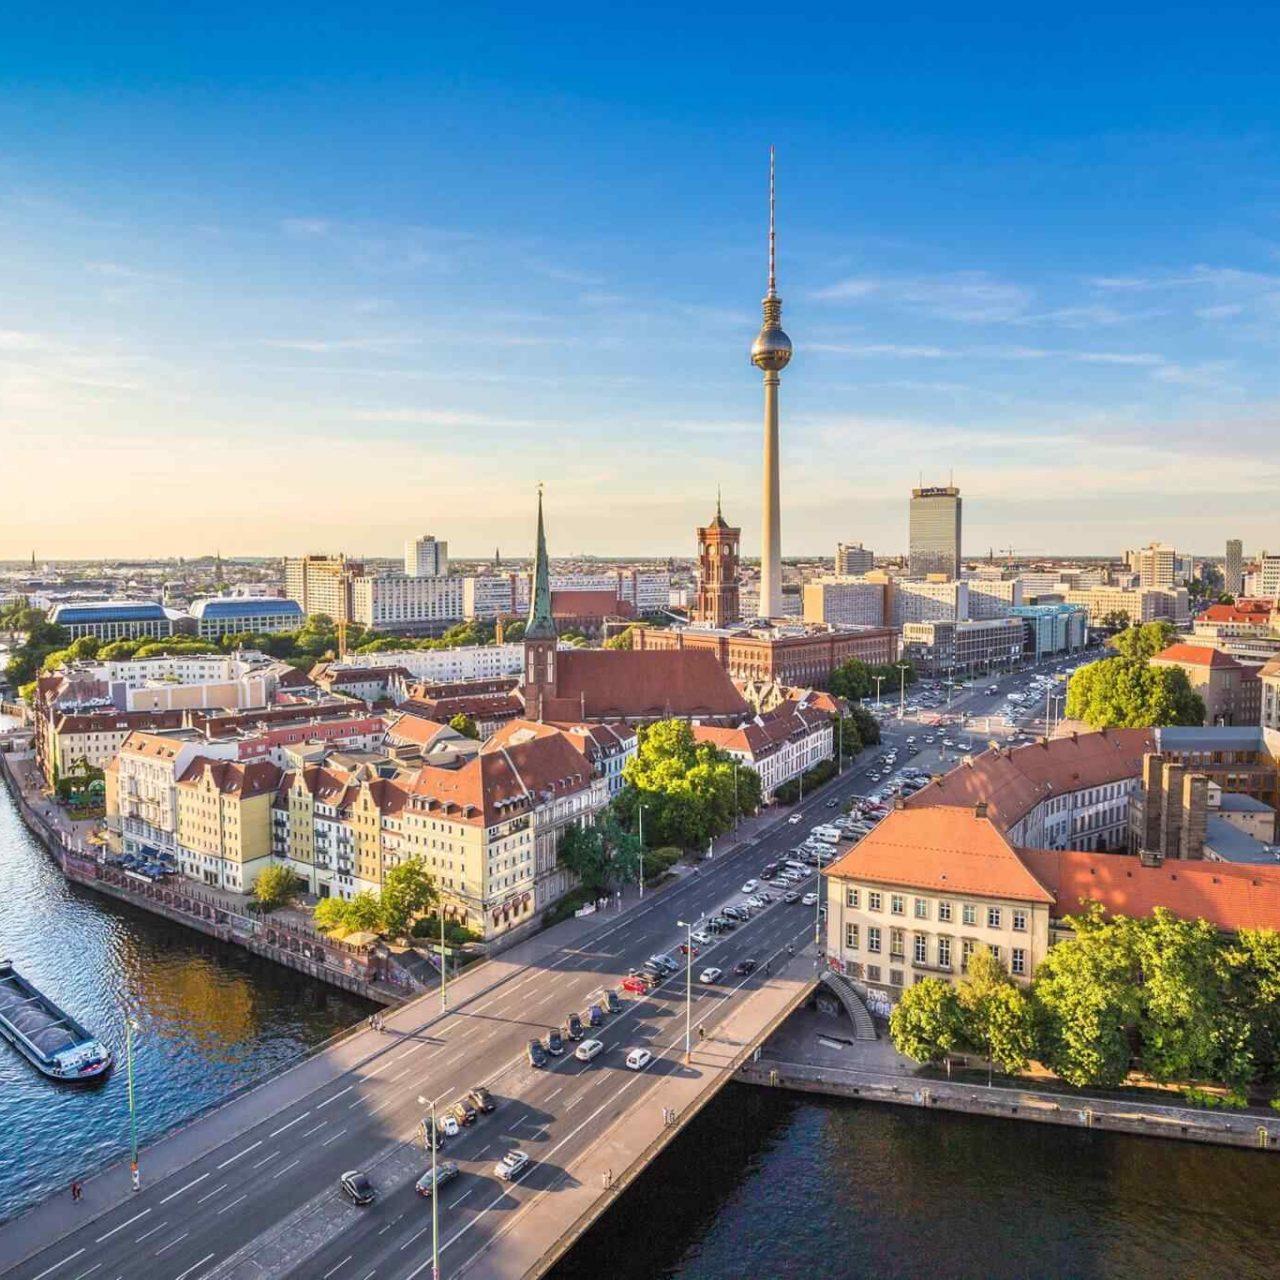 https://avioexpress.ba/wp-content/uploads/2018/09/destination-berlin-05-1280x1280.jpg